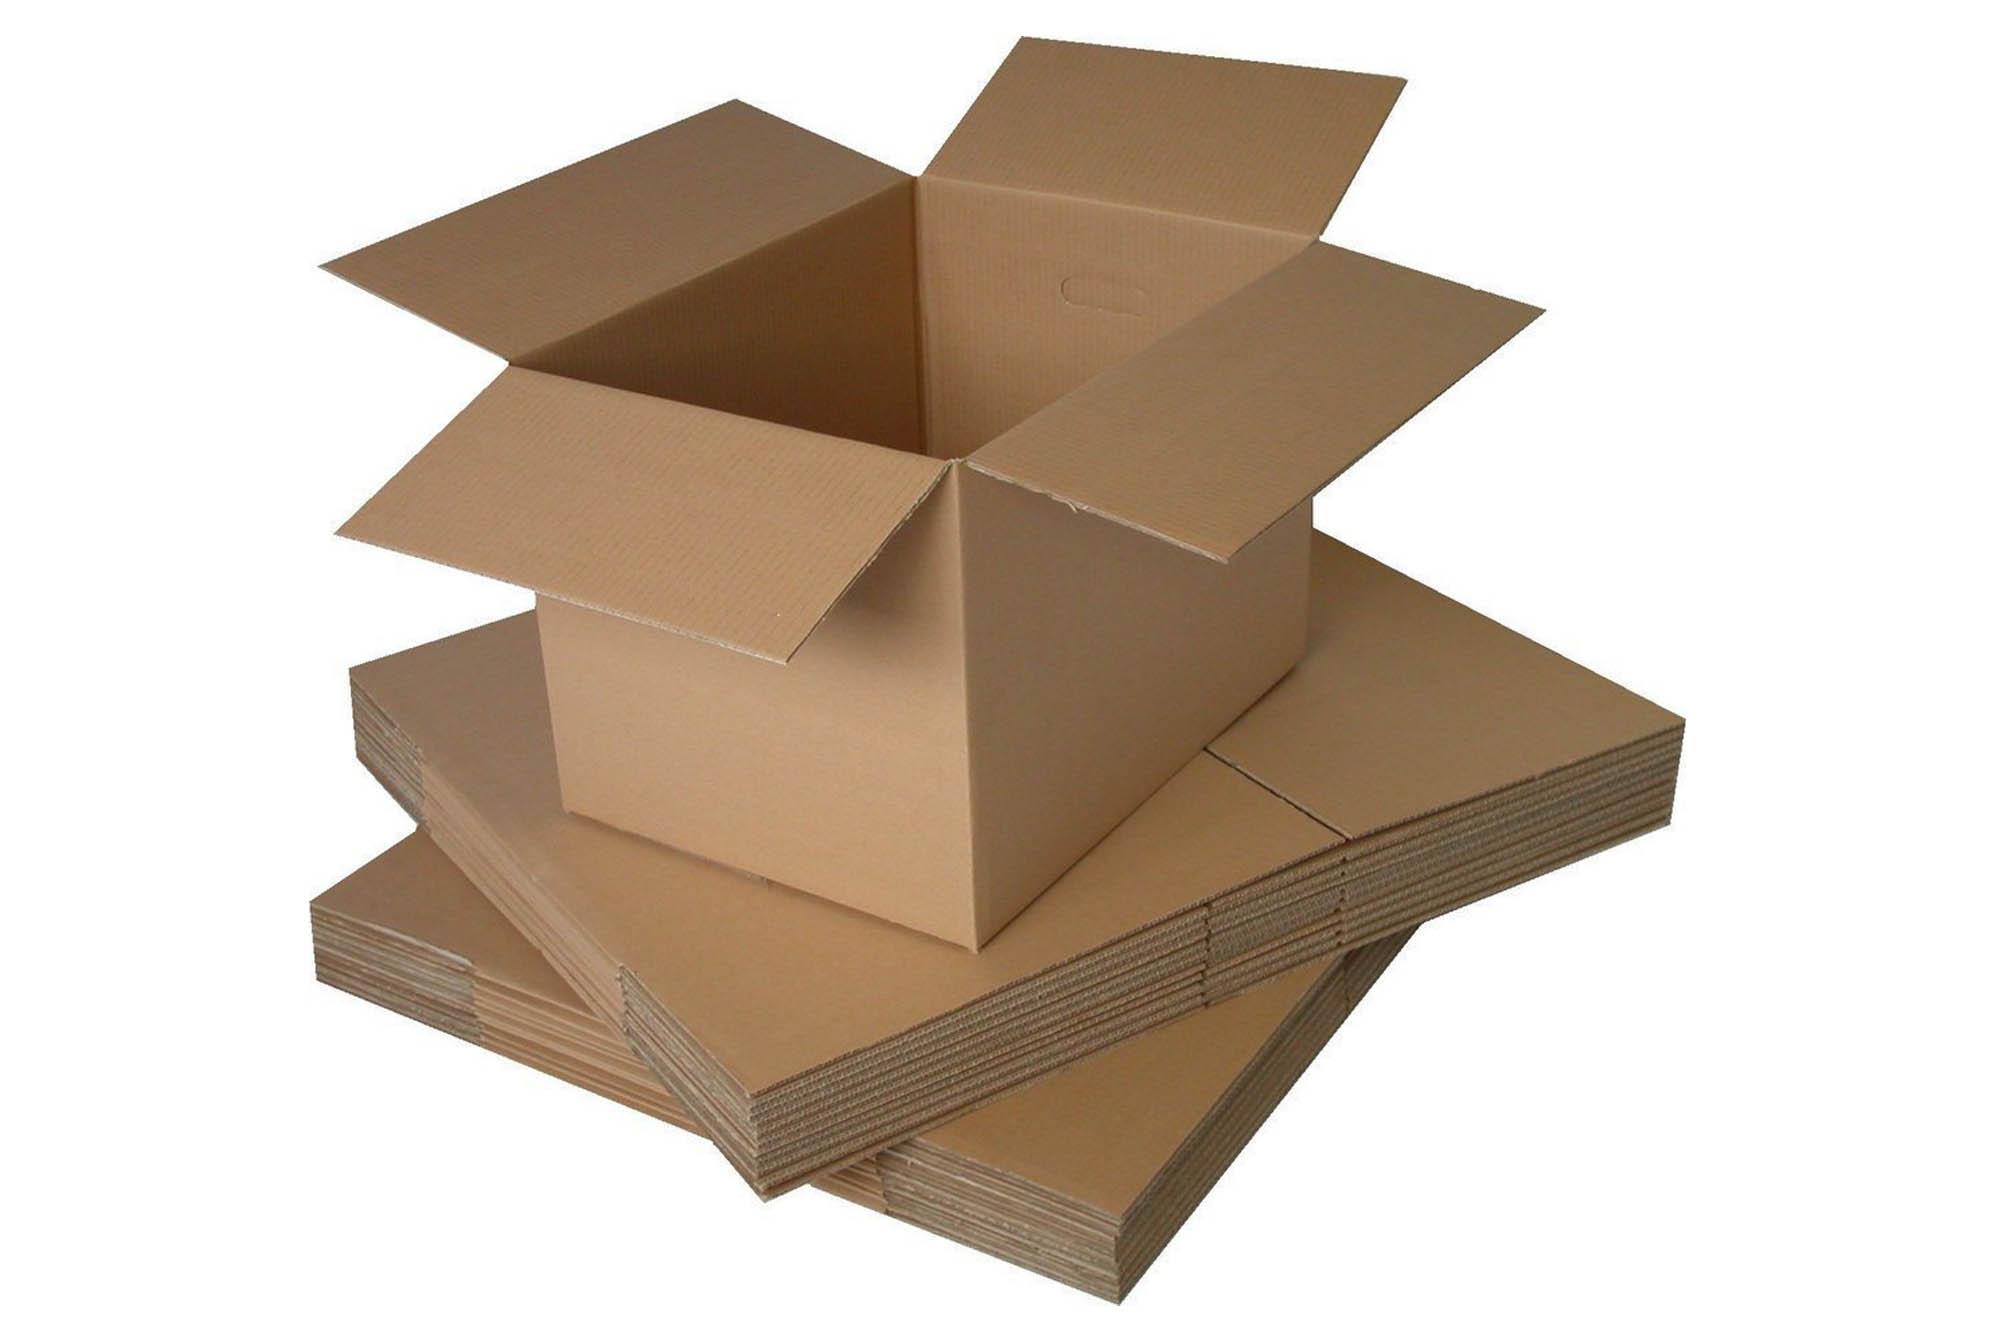 Currugated cardboard box